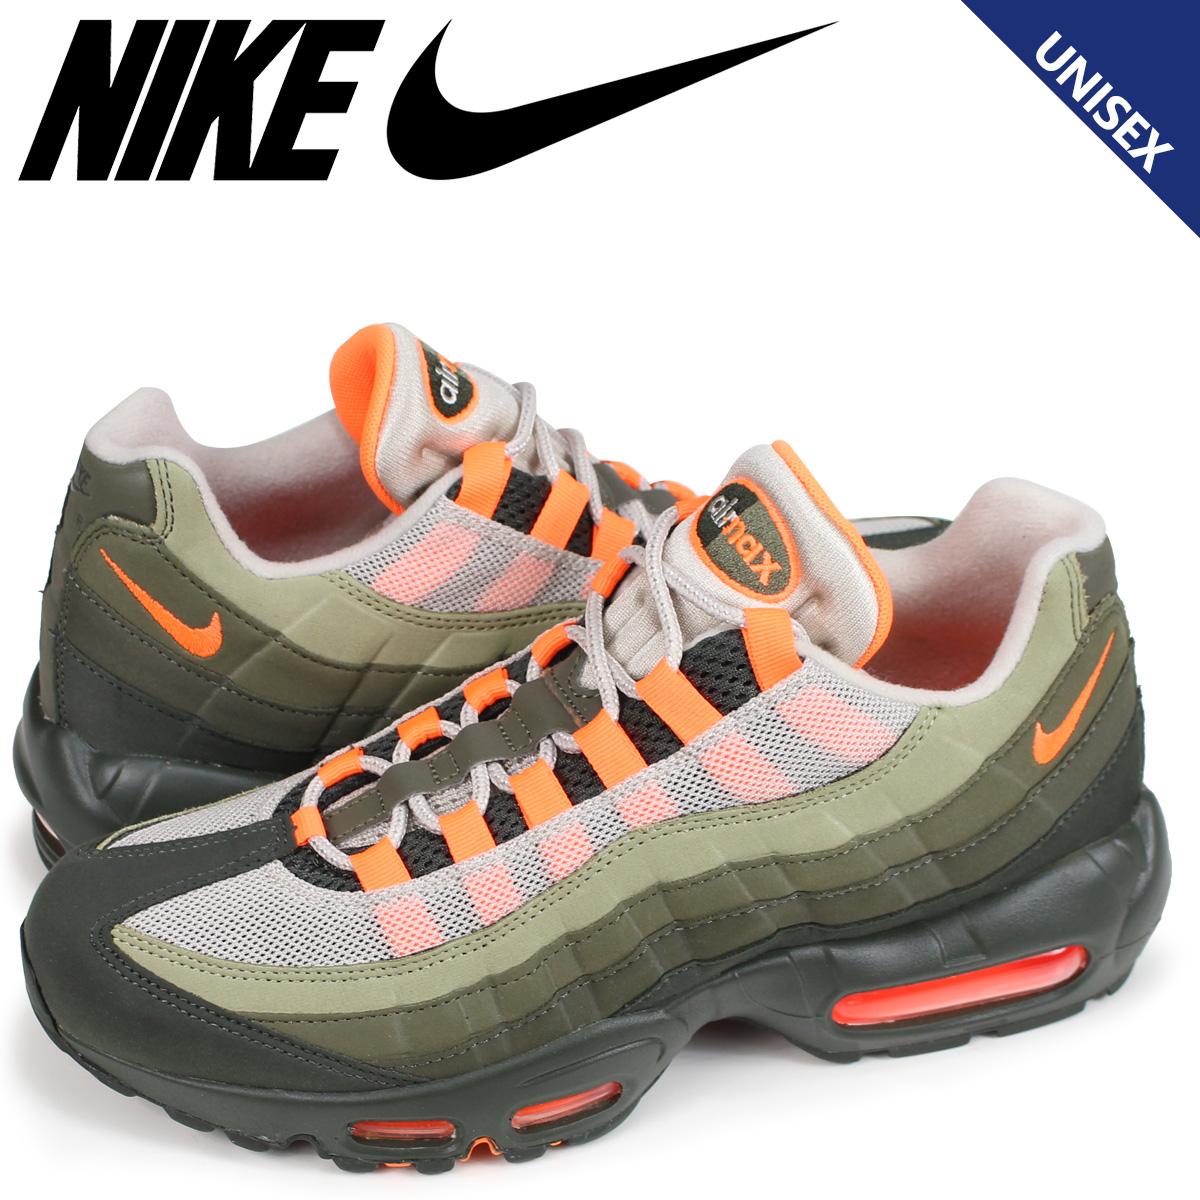 newest 3f1b2 19815 Nike NIKE Air Max 95 sneakers men gap Dis AIR MAX 95 OG AT2865-200 orange